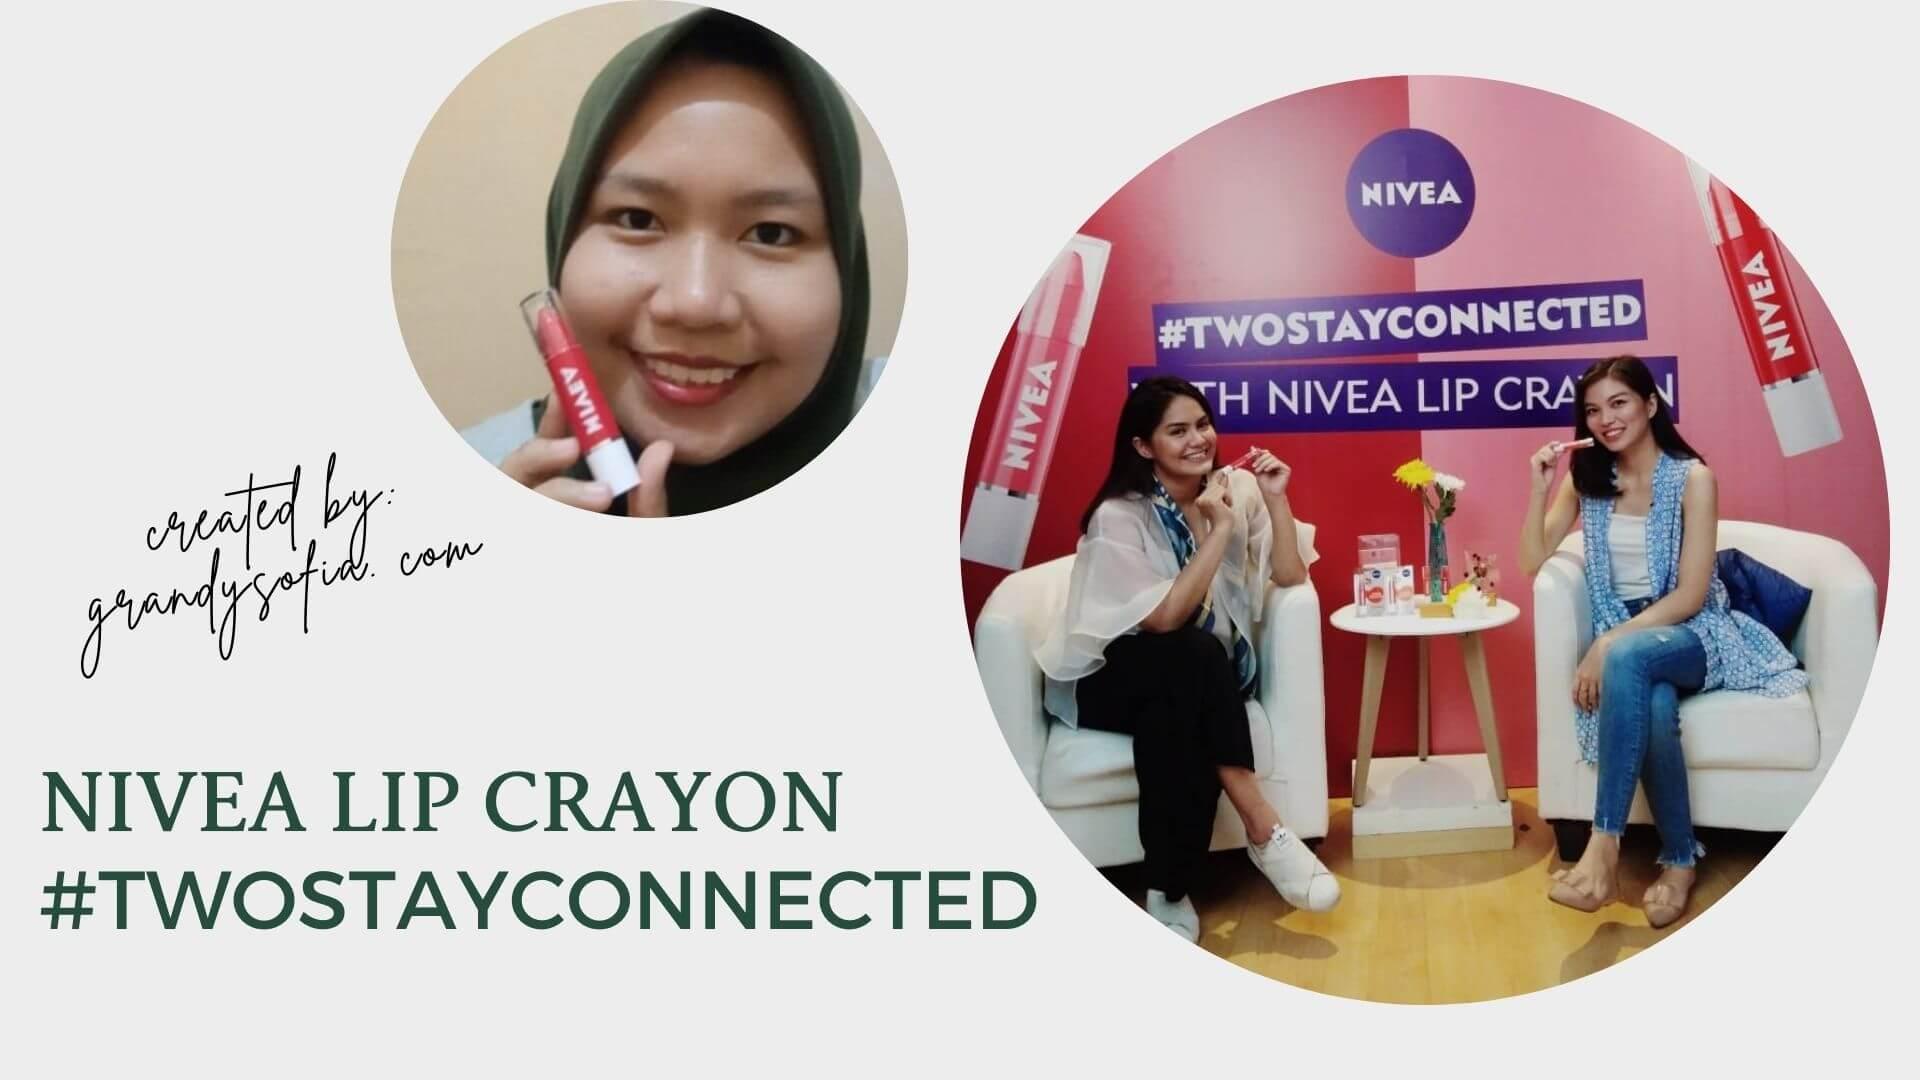 nivea-lip-crayon